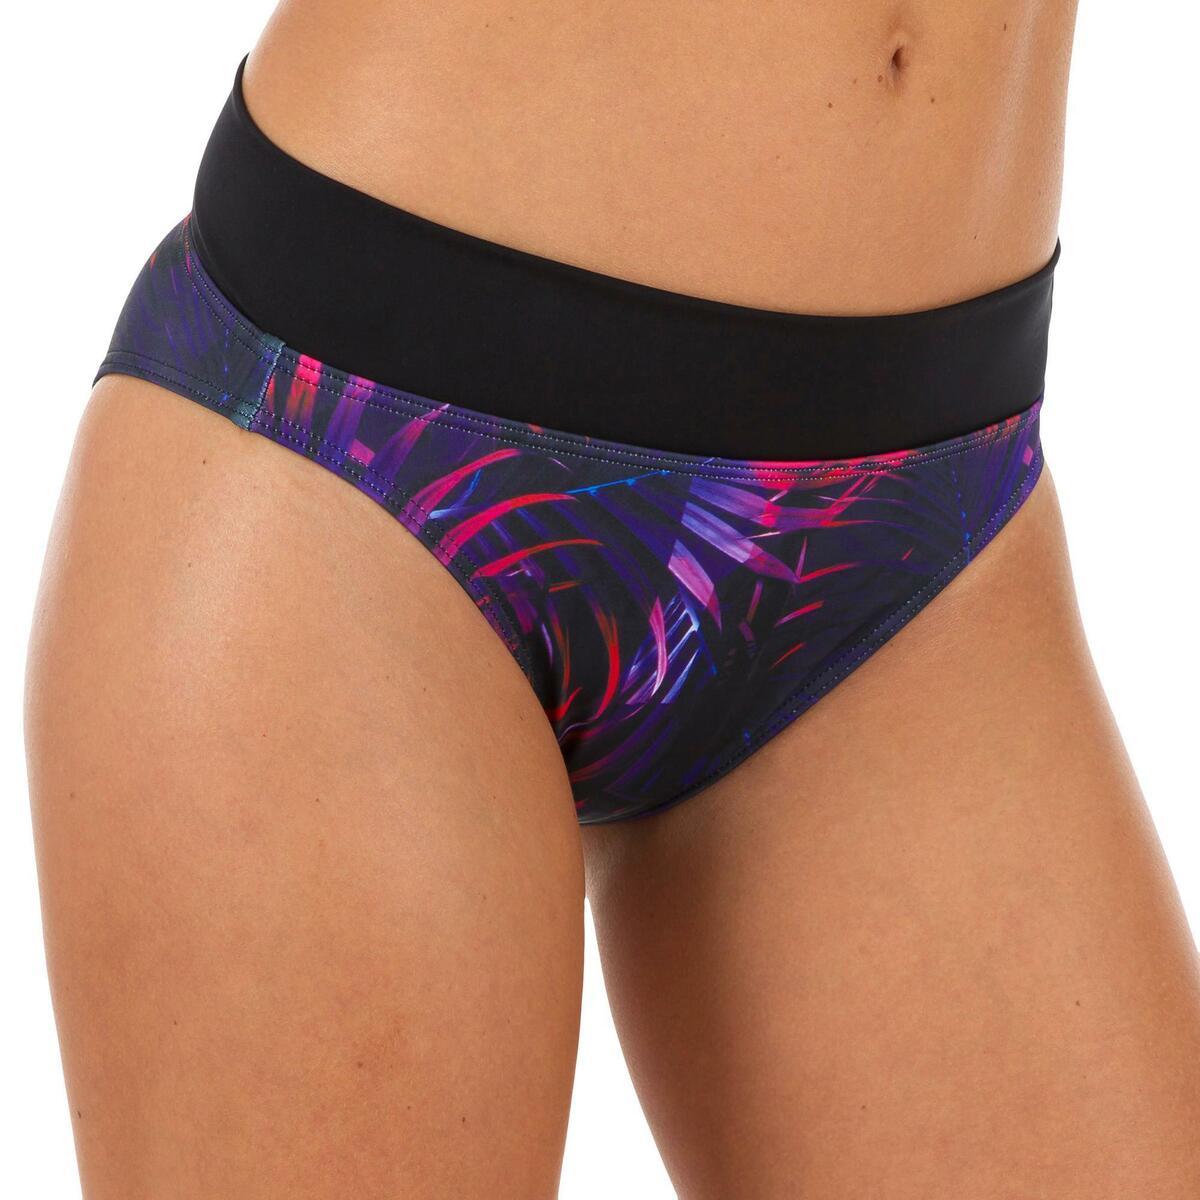 Bild 4 von Bikini-Hose Nao Palmi hoher Taillenbund mit Revers Damen